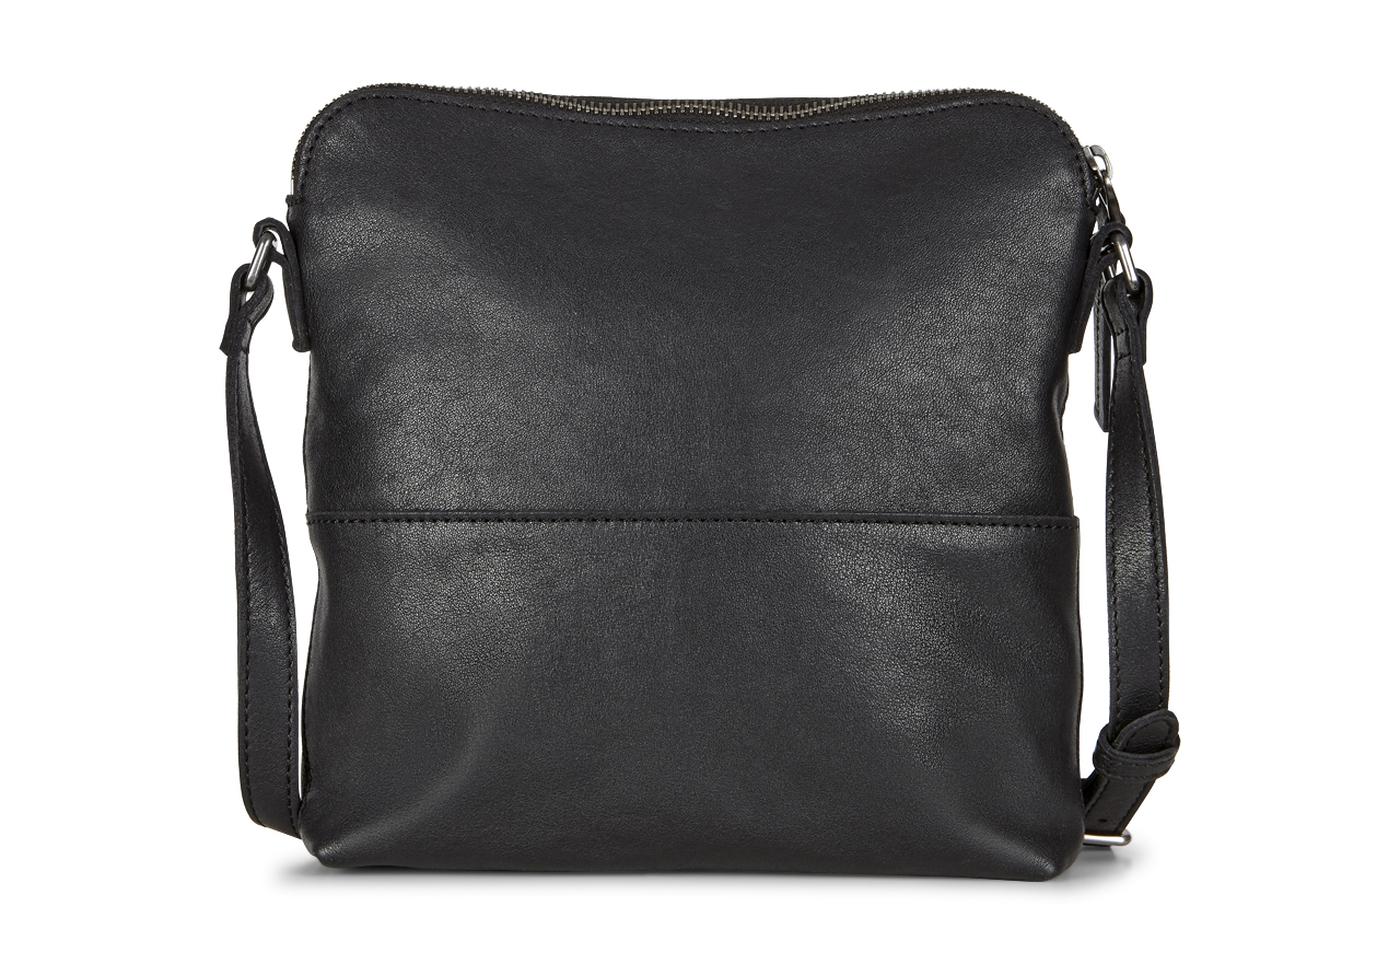 ECCO CASPER Crossbody Bag